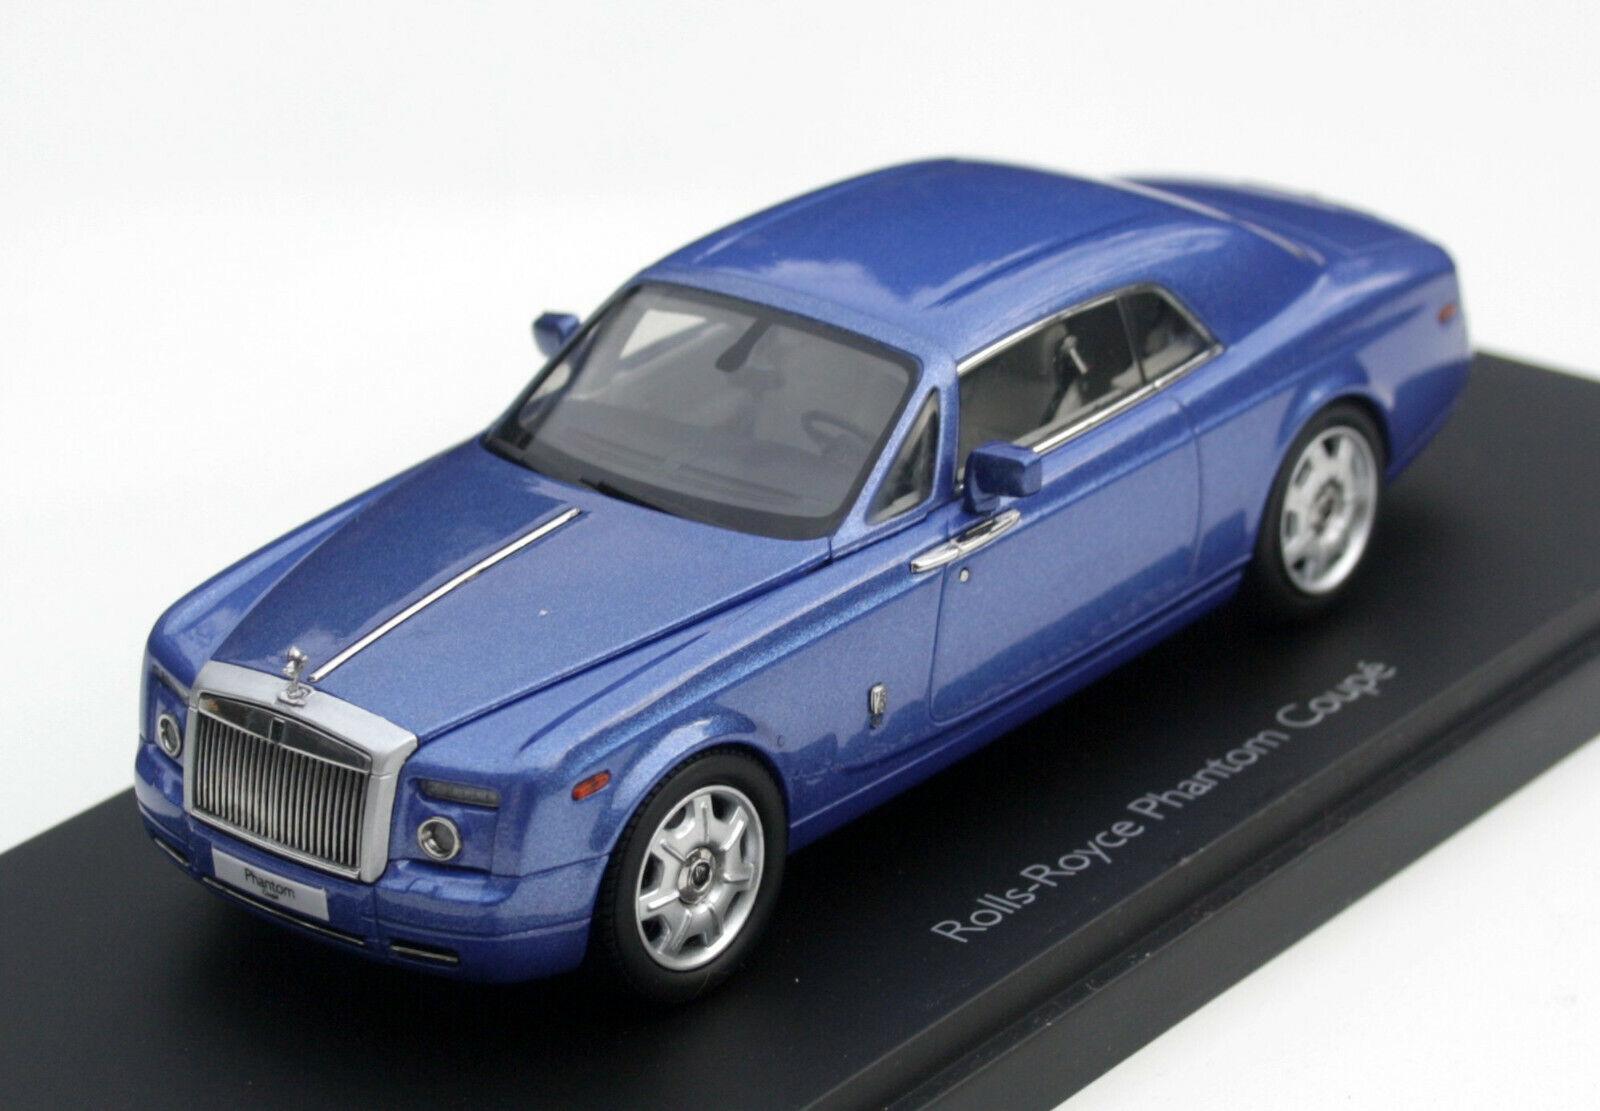 Rolls-Royce Phantom Coupé Bj. 2008-2016, bleumet., de haute qualité Kyosho-Mod. 1 43